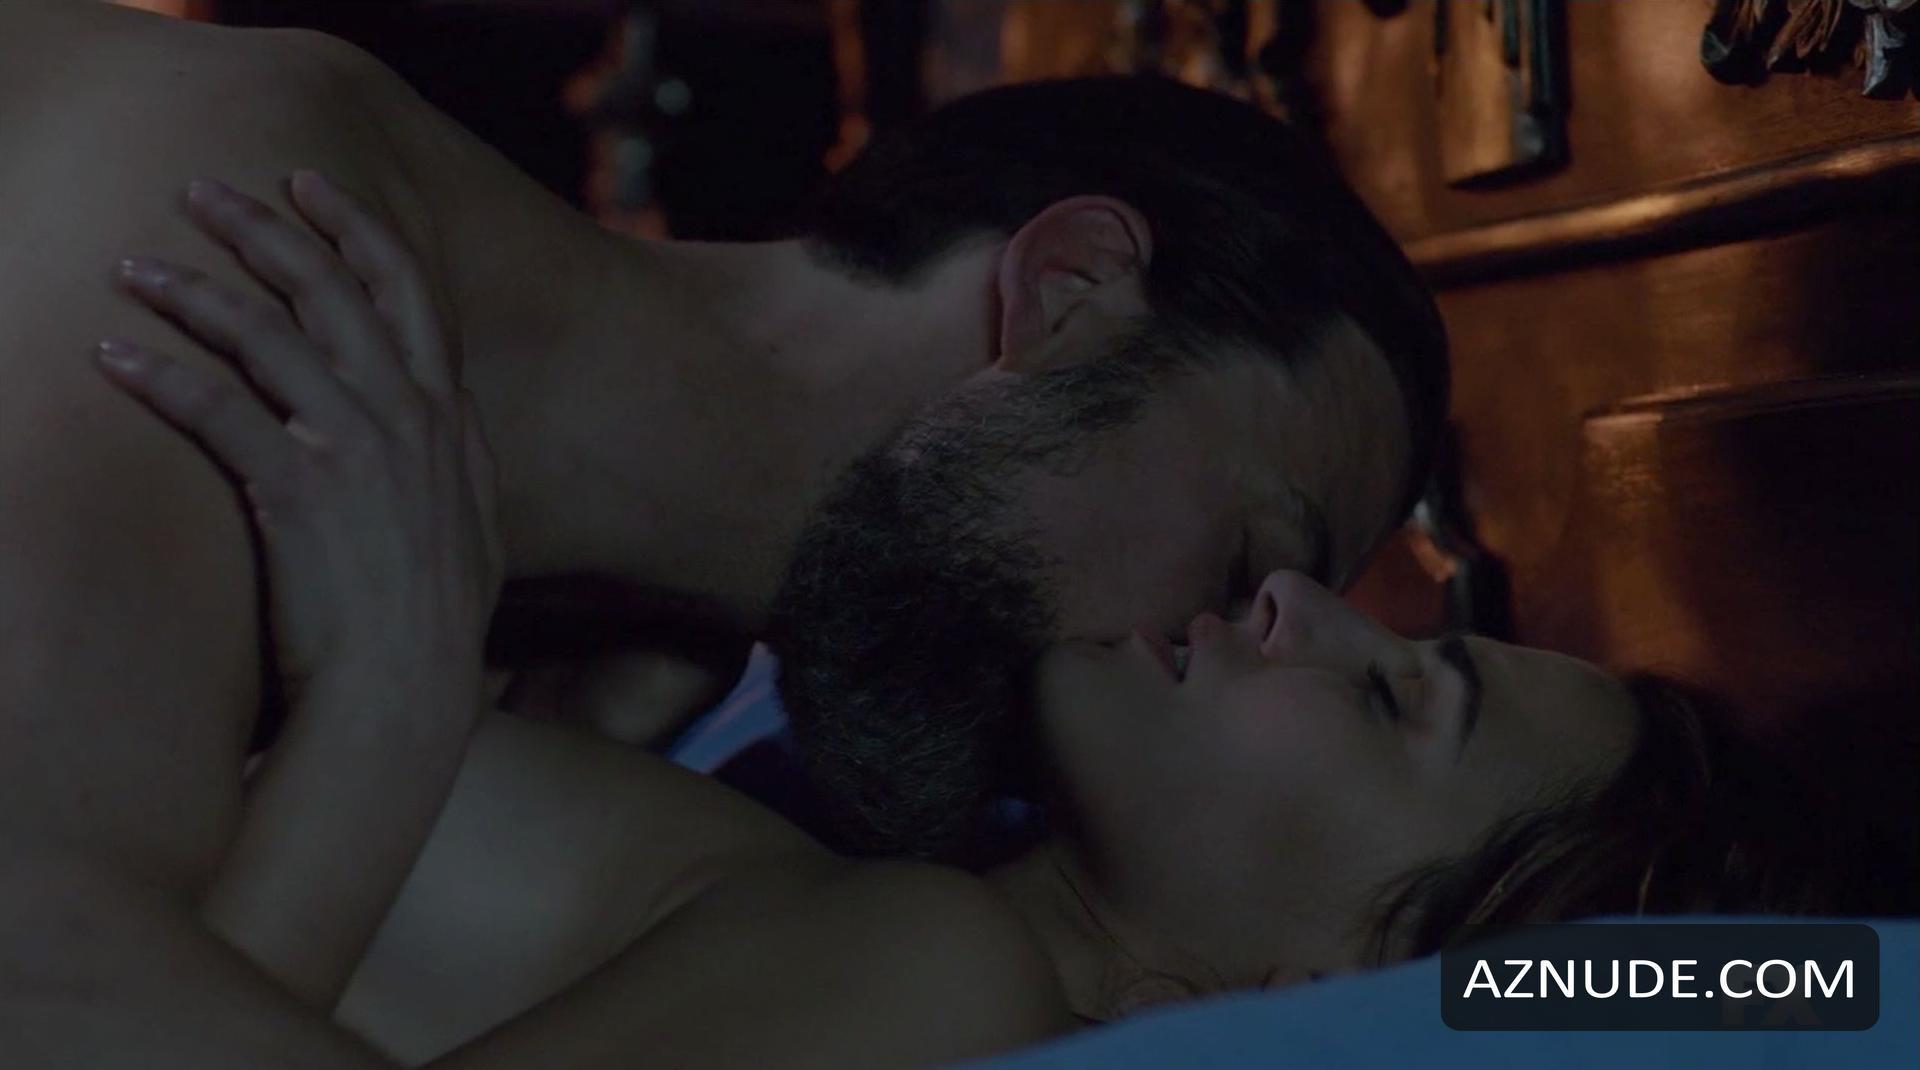 Alice braga nude sex scene in kill me three times scandalpla - 2 part 7